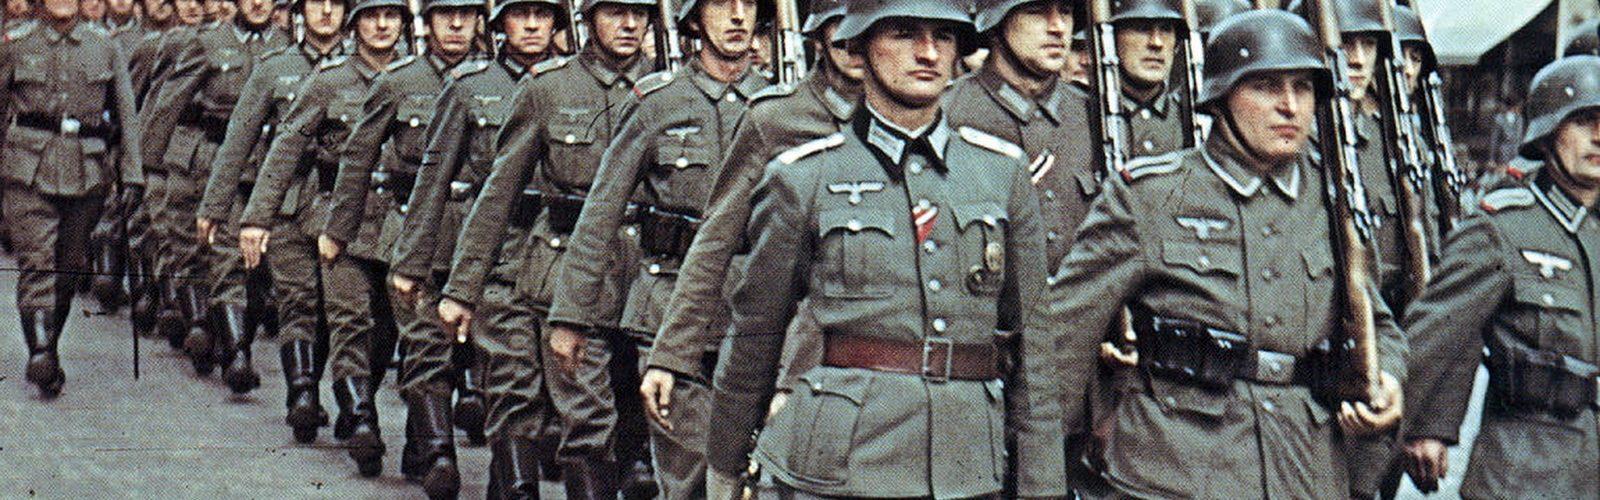 Każdy z niemieckich żołnierzy miał w swojej książeczce żołdu 10 przykazań żołnierza (Erichvoned/CC BY-SA 4.0)